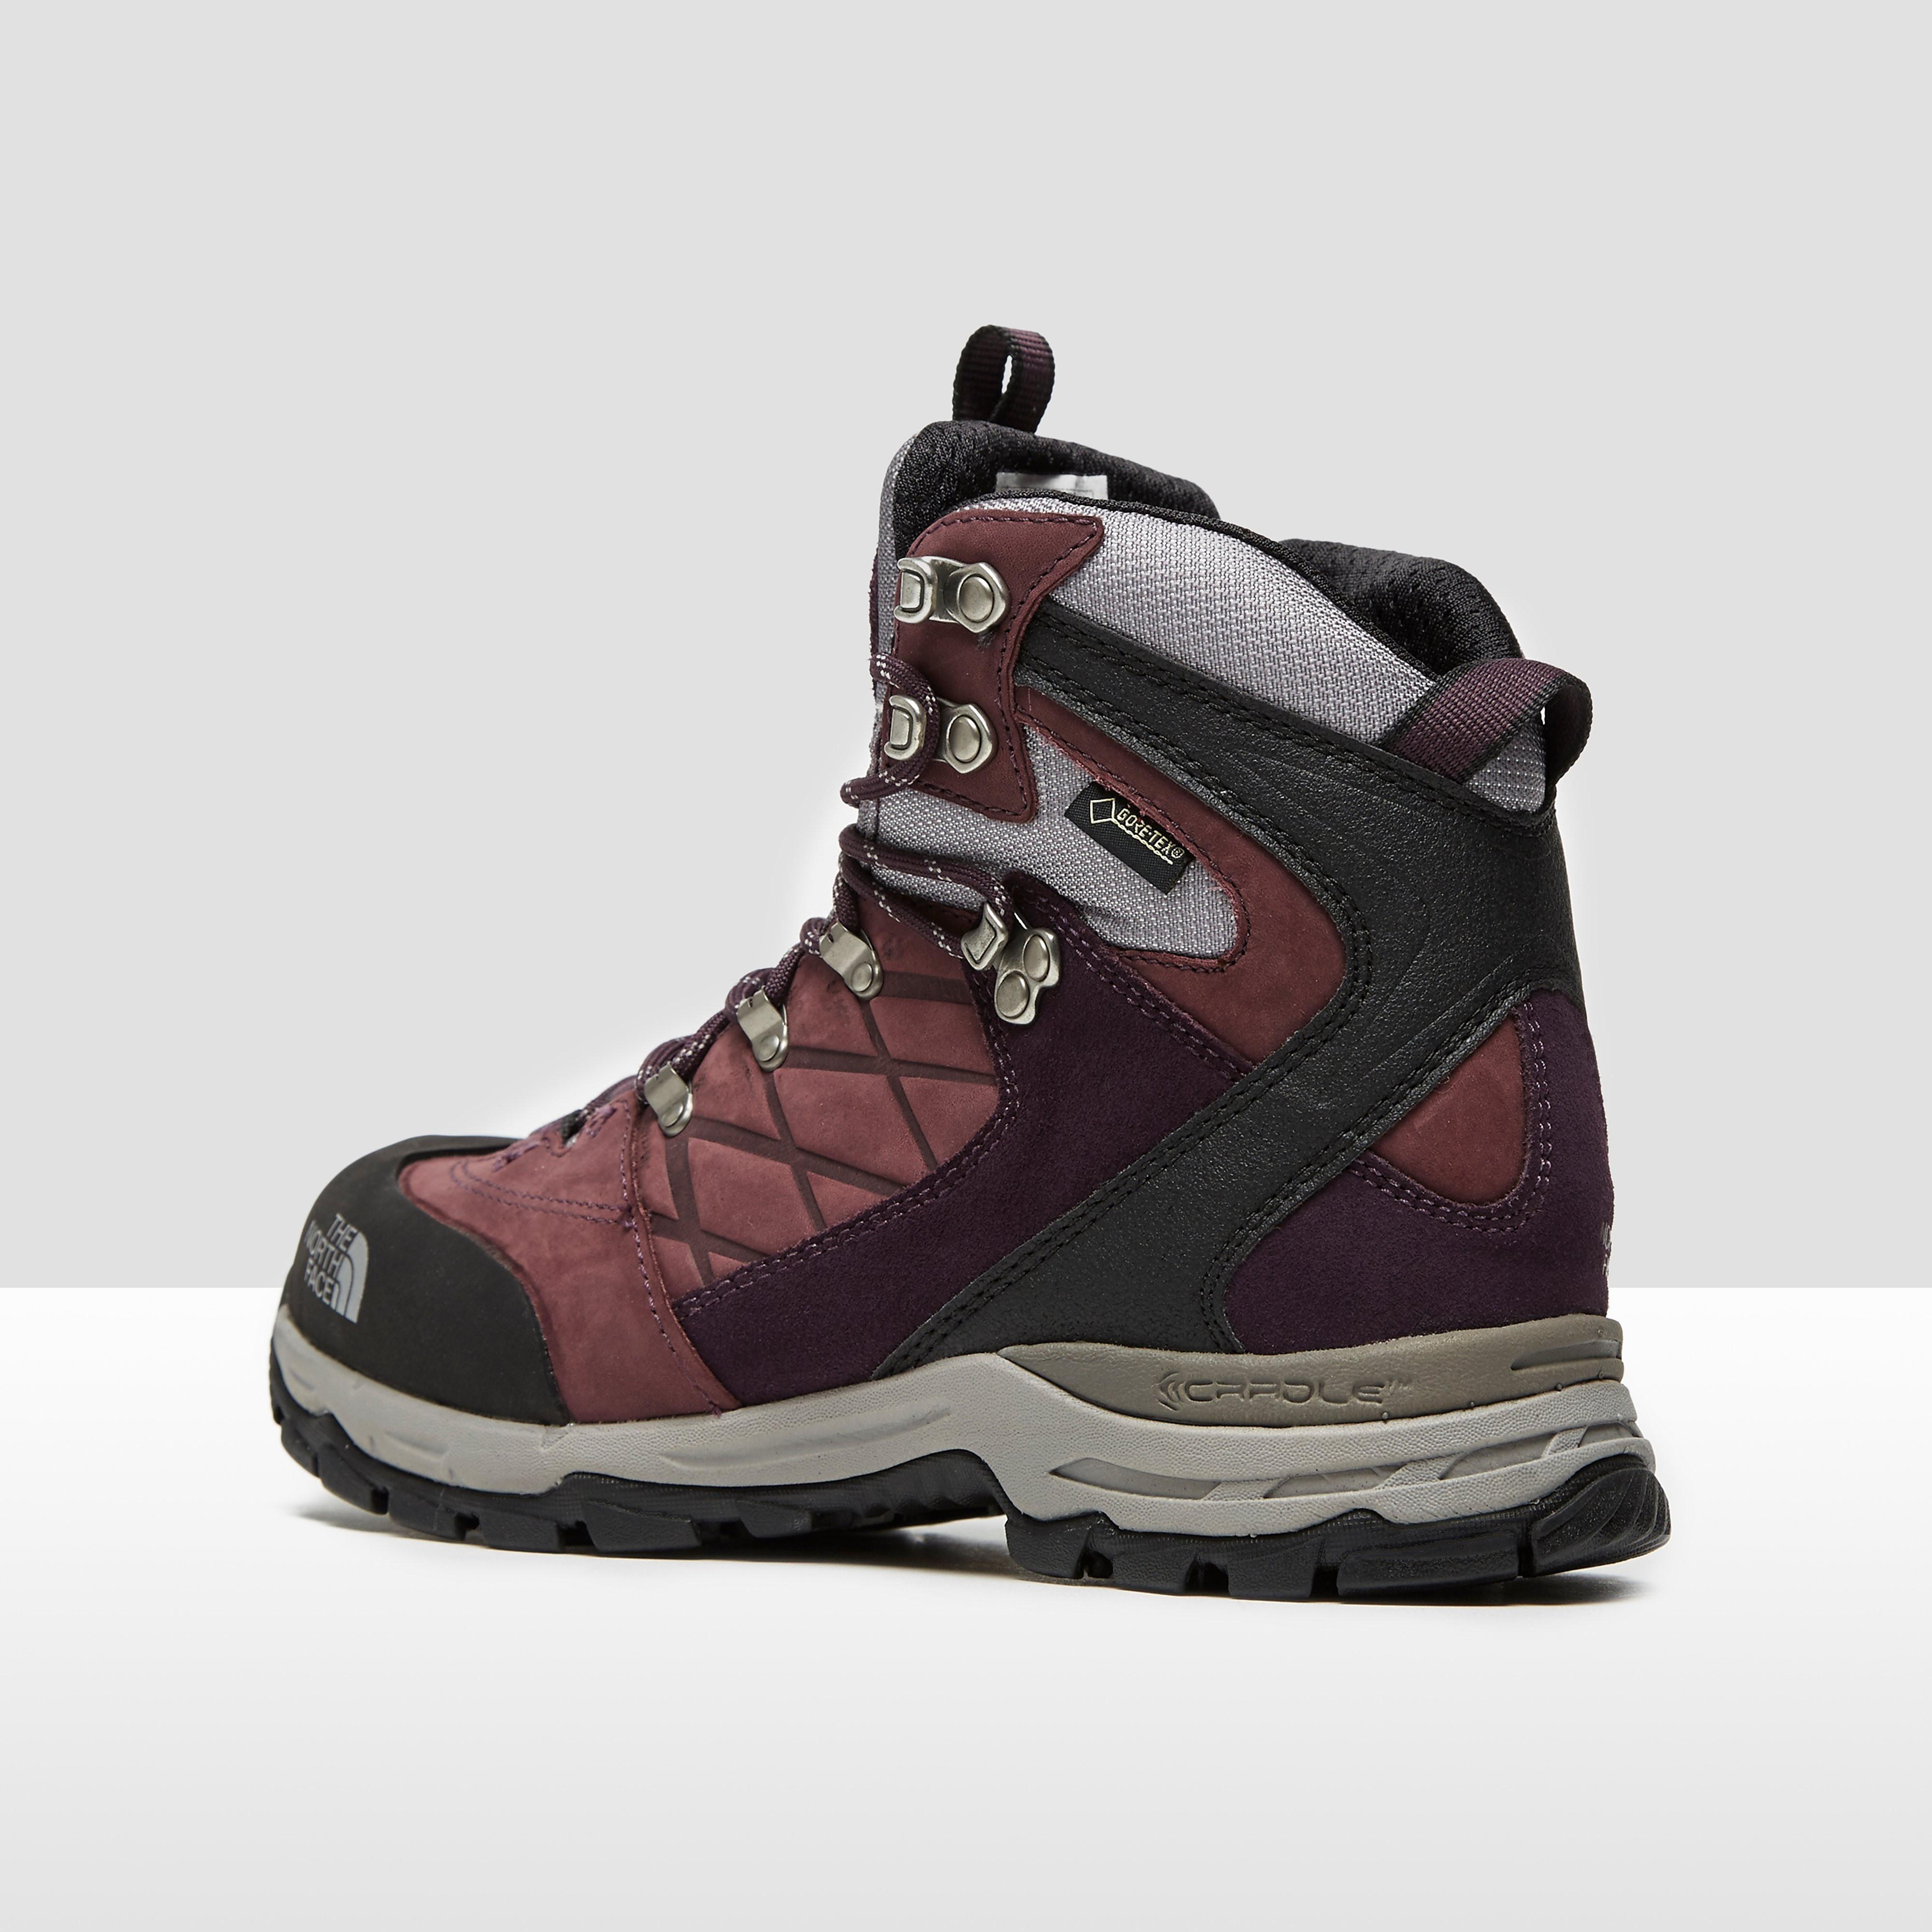 The North Face Verbera Hiker II GTX Men's Walking Boot